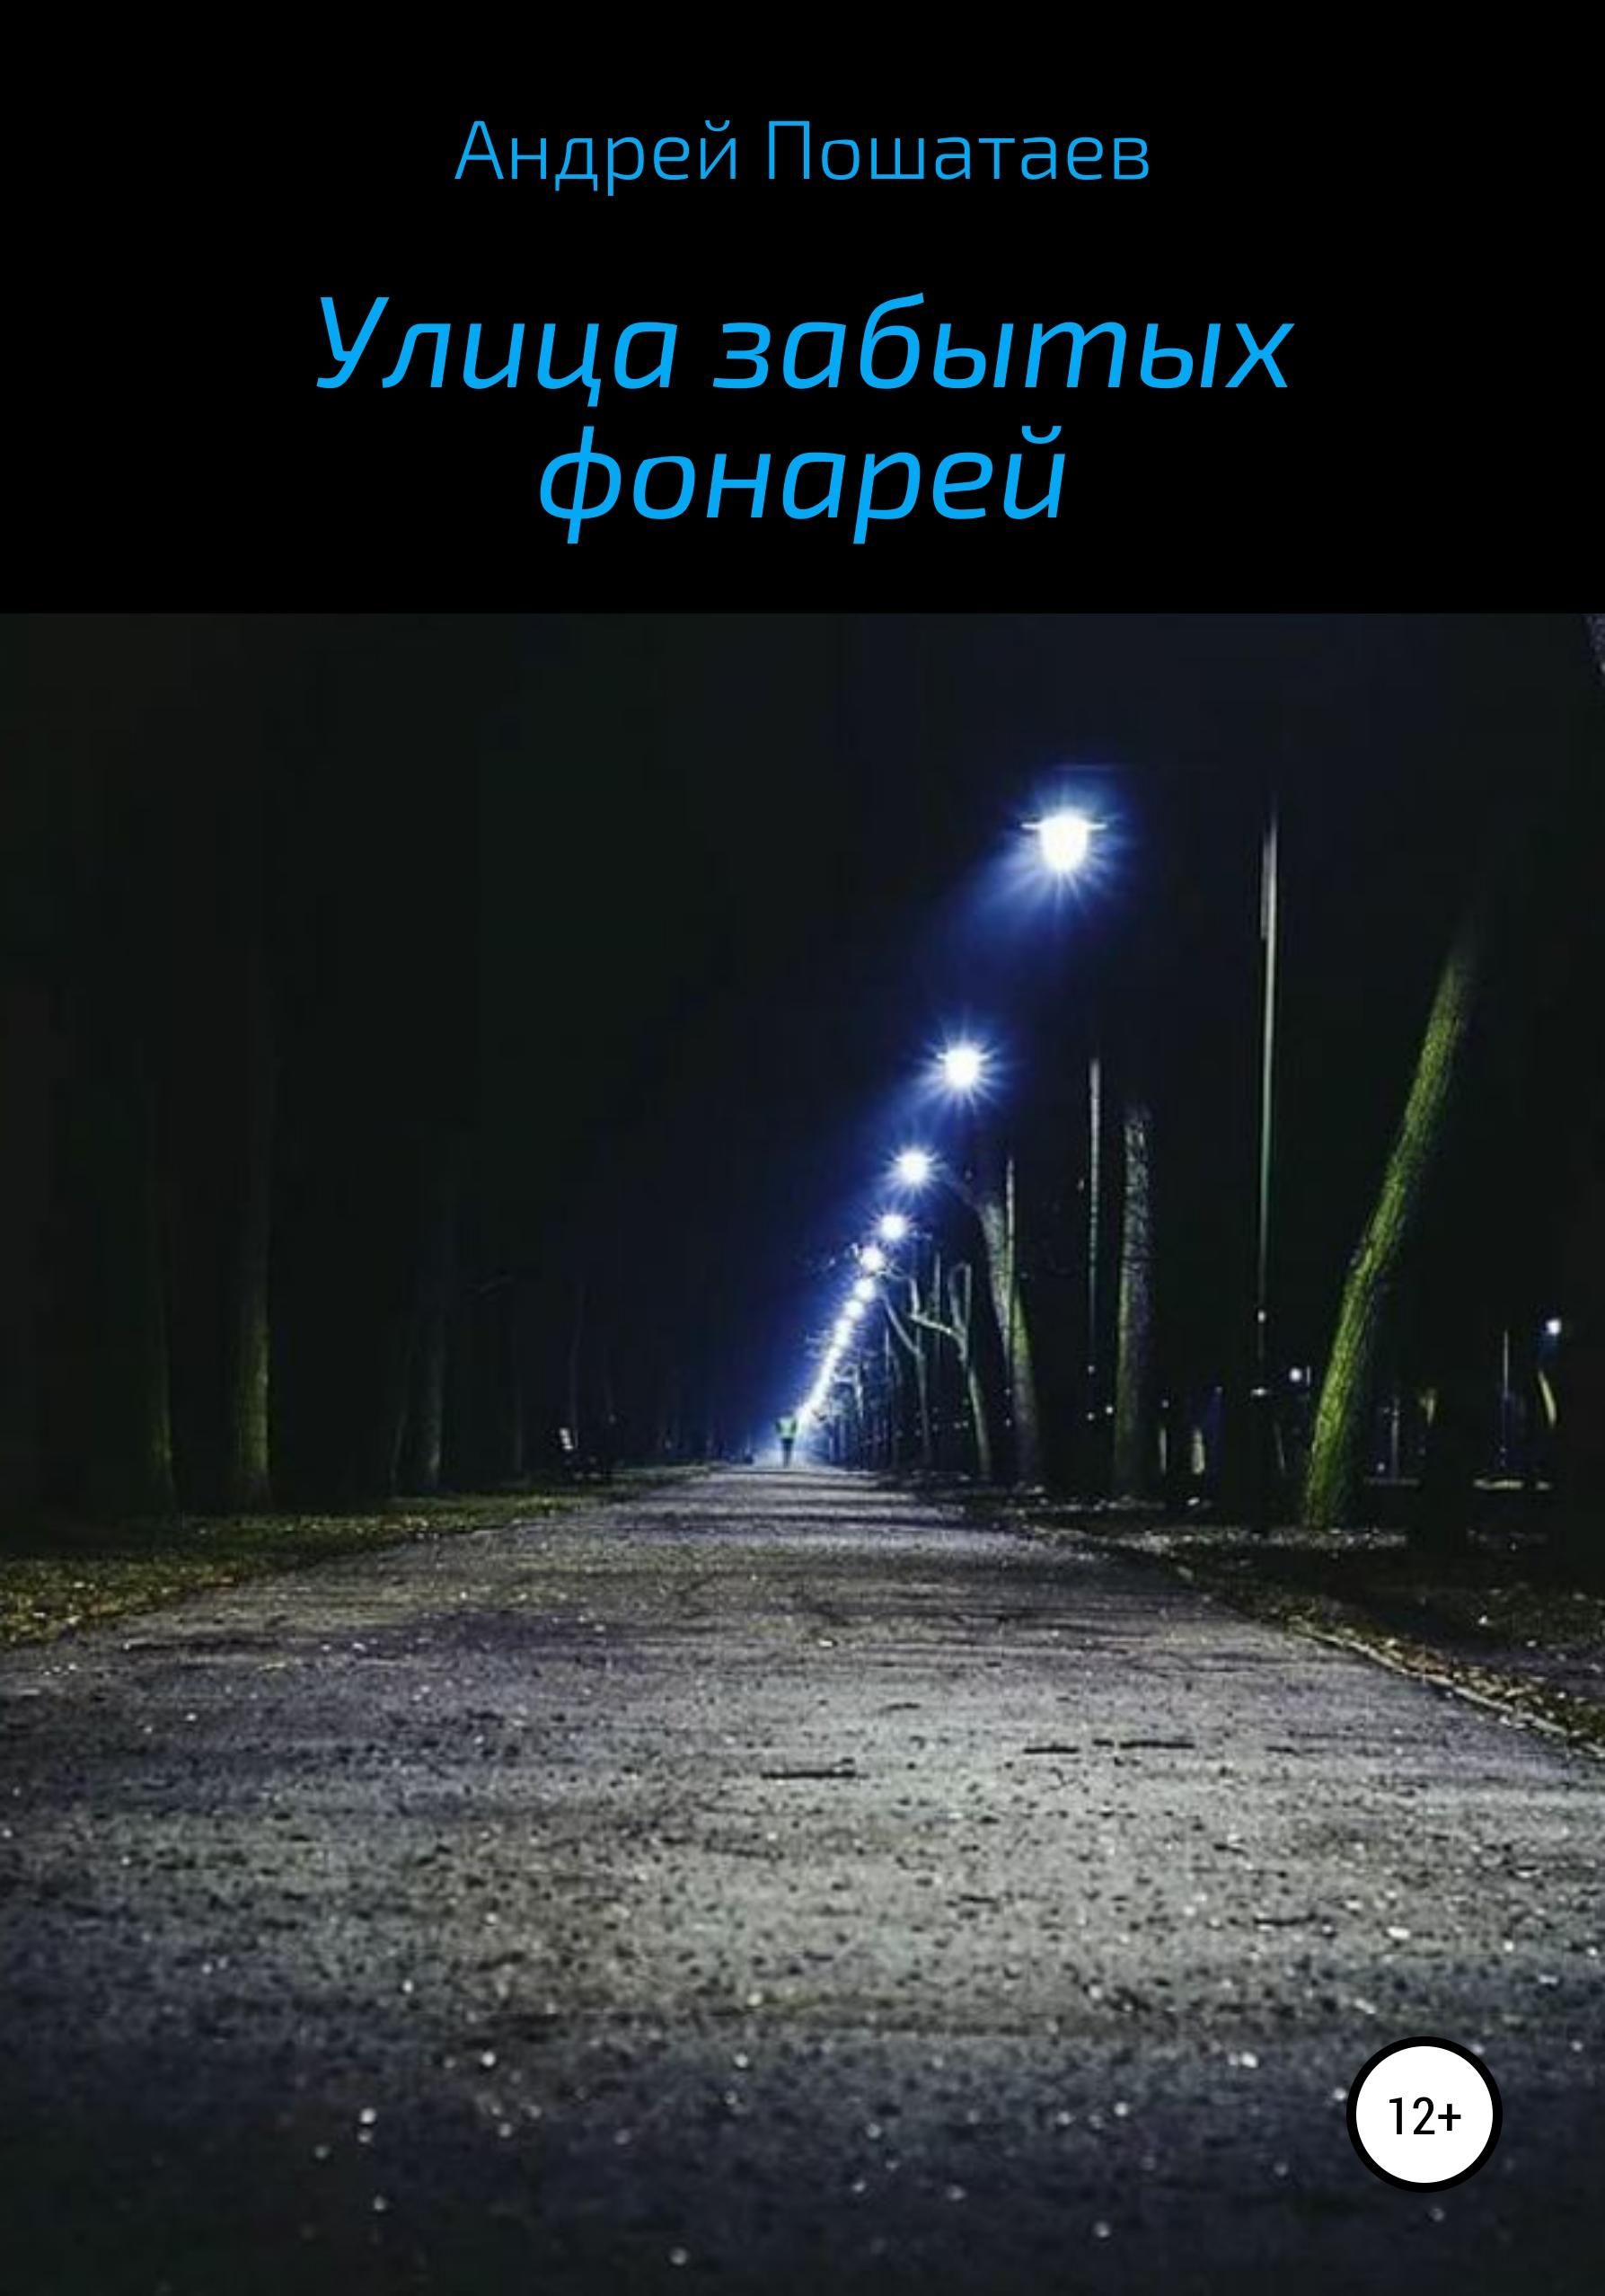 Андрей Анатольевич Пошатаев Улица забытых фонарей посняков андрей анатольевич рысь 3 легионер